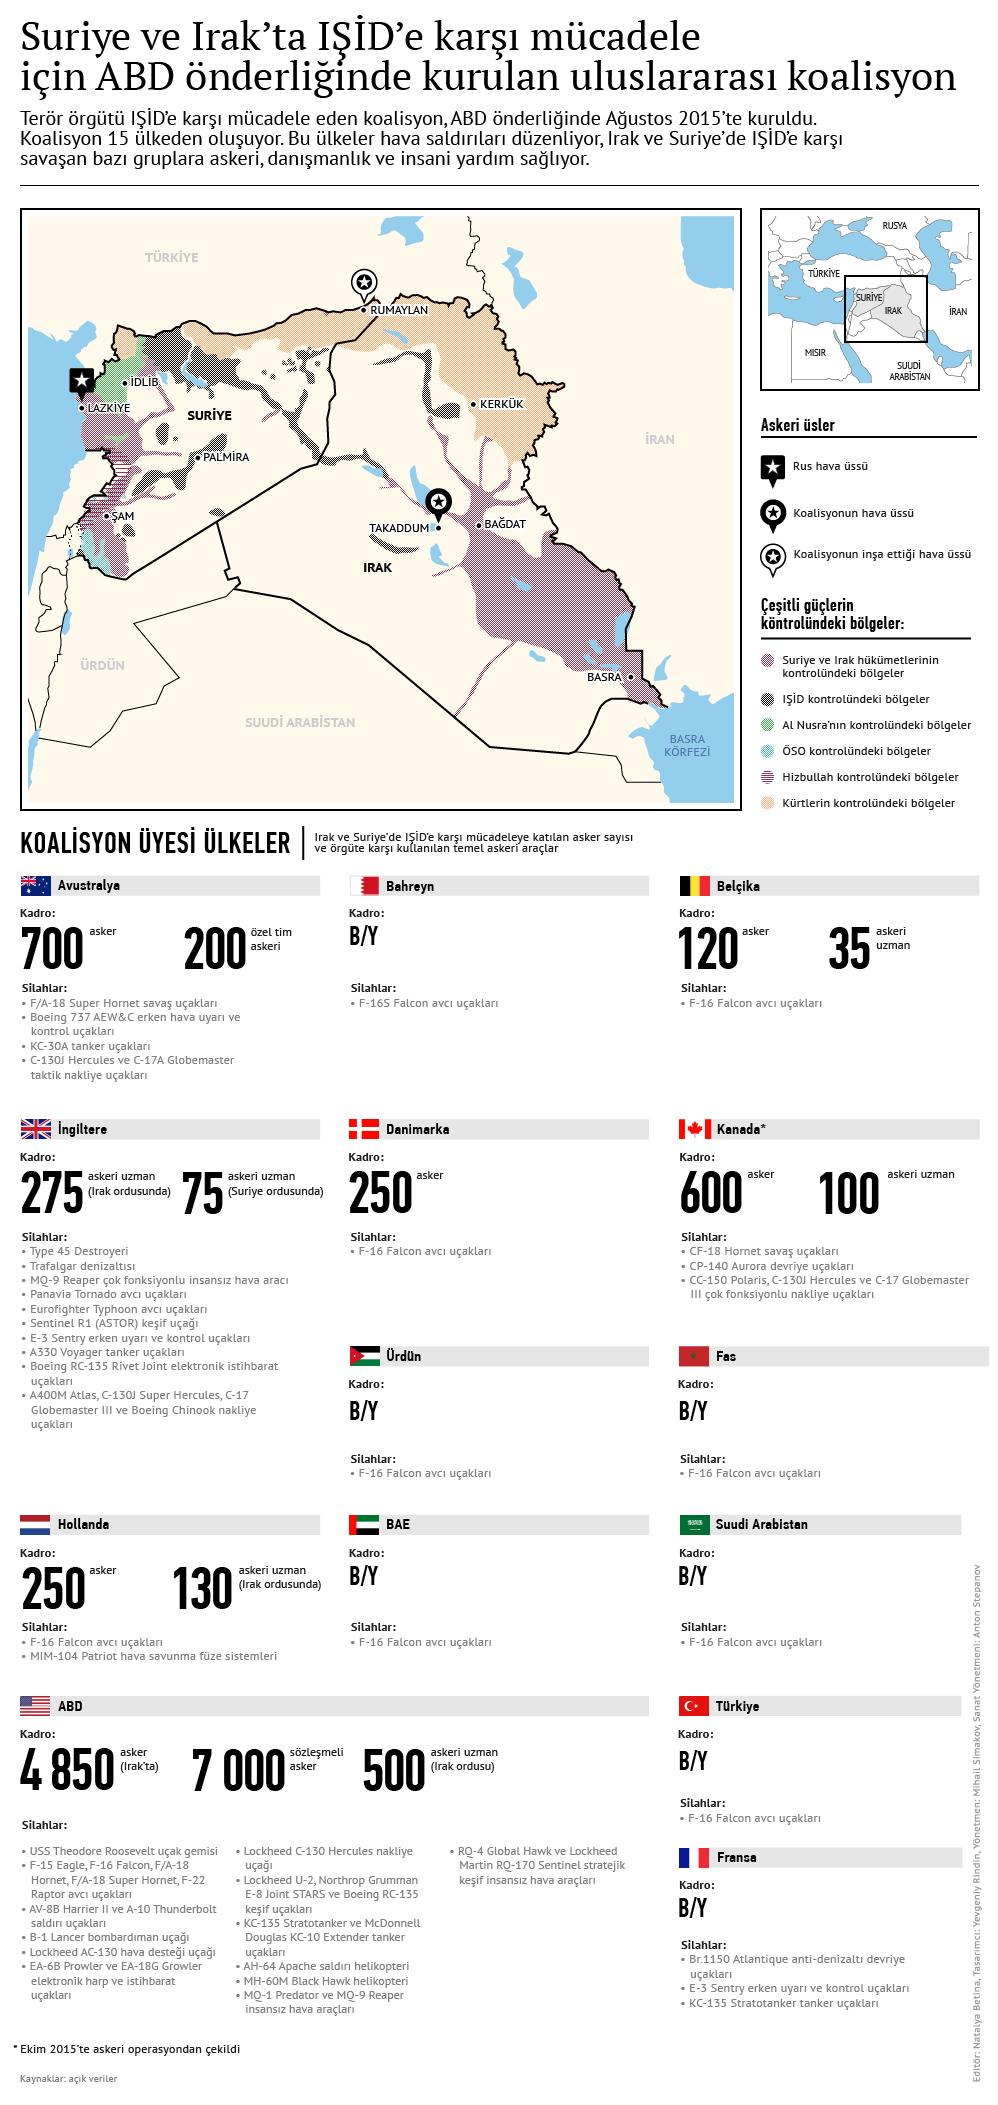 Suriye ve Irak'ta IŞİD'e karşı mücadele için ABD önderliğinde kurulan uluslararası koalisyon